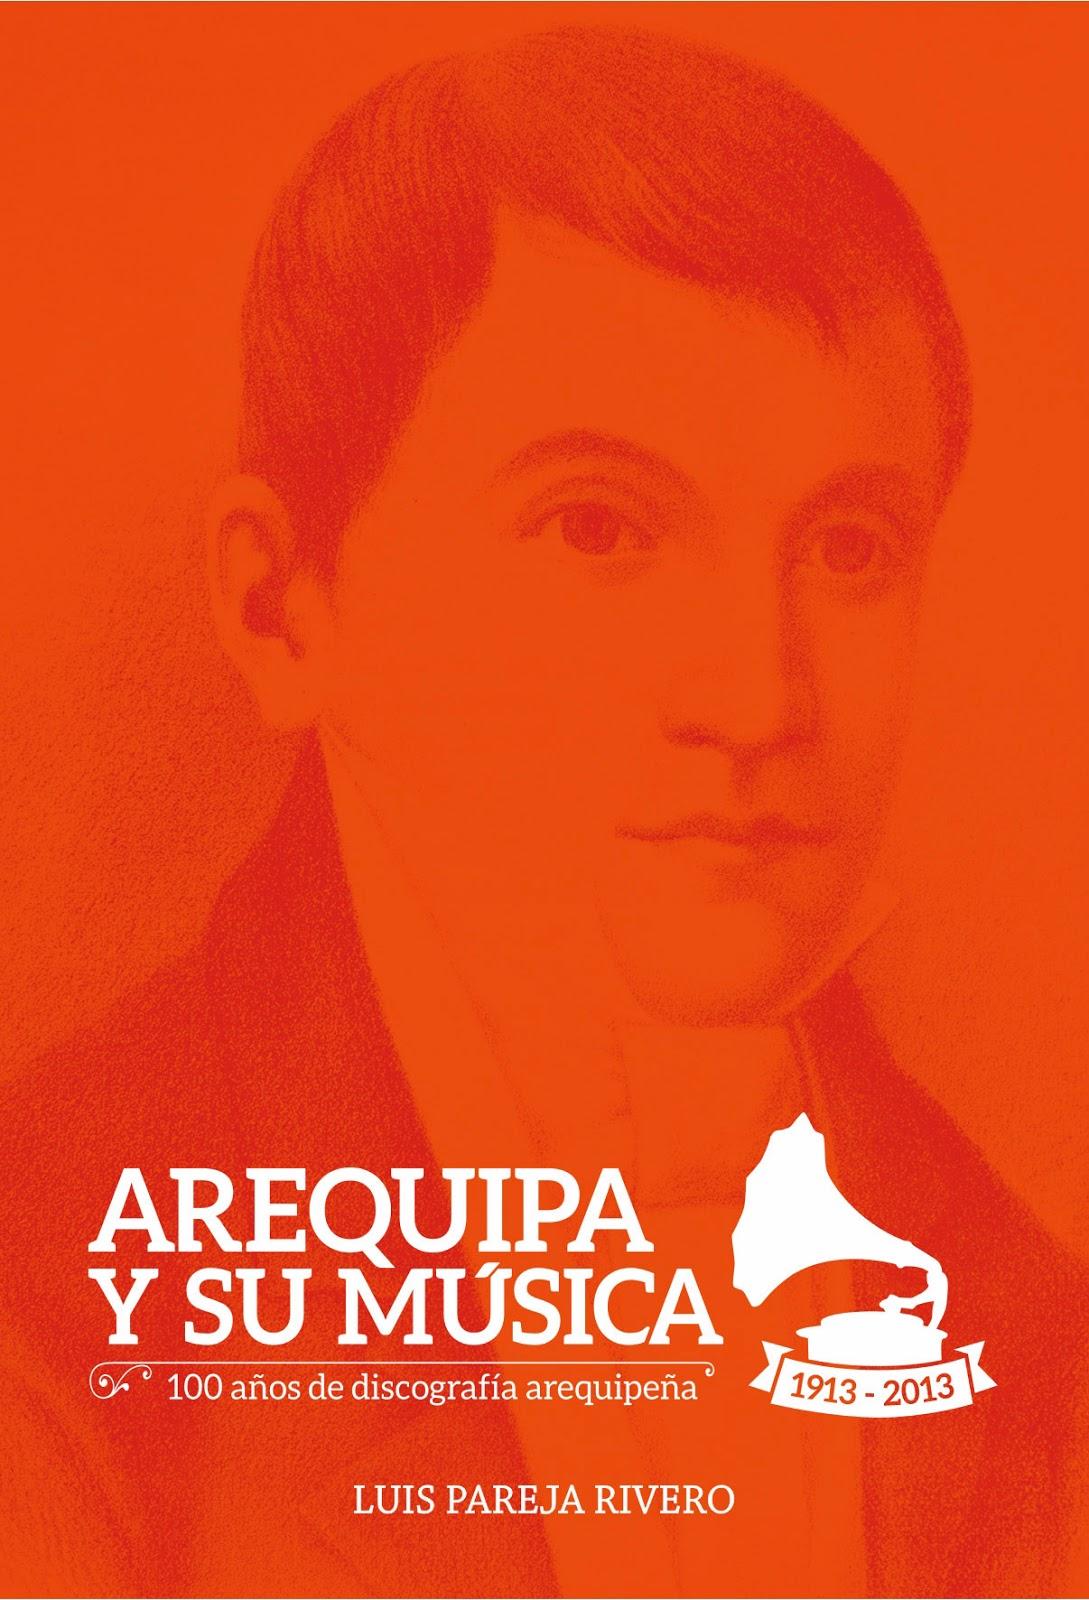 Arequipa y su música